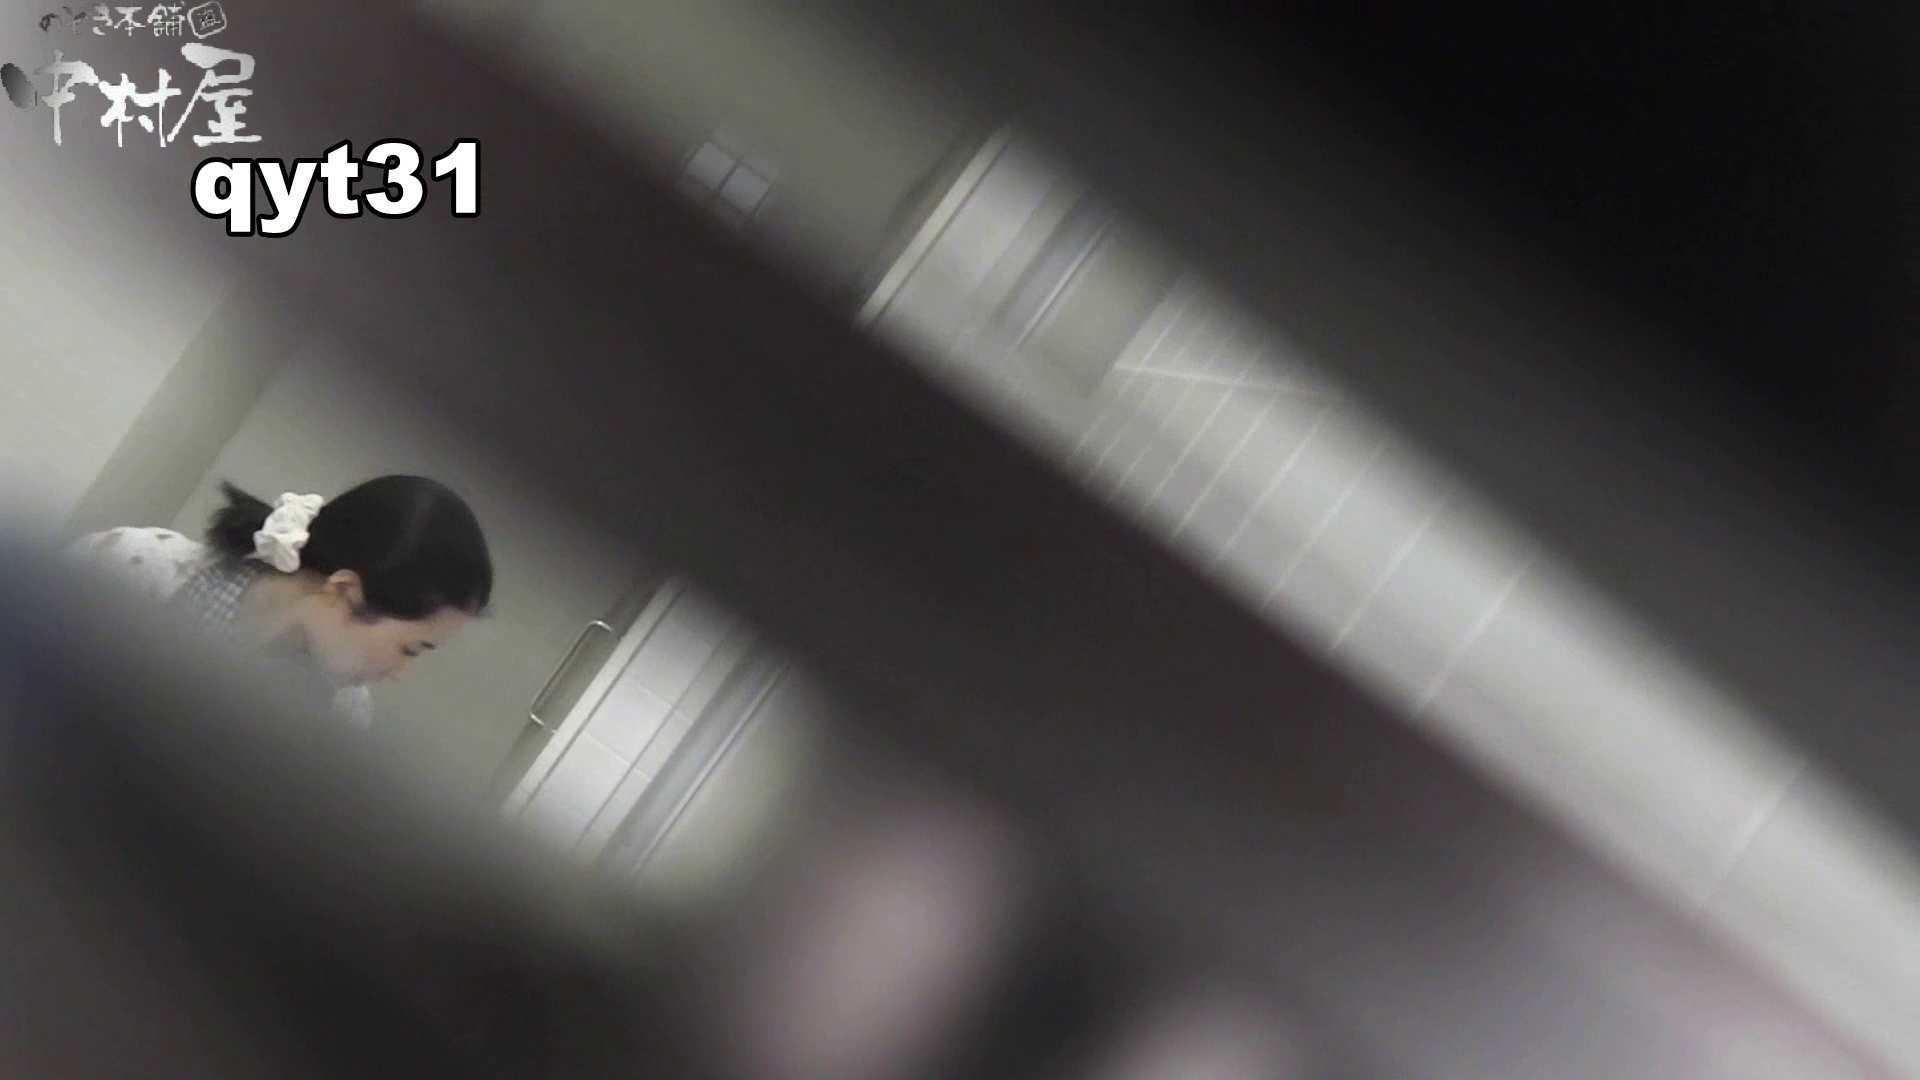 【お銀さんの「洗面所突入レポート!!」】お銀さんの「洗面所突入レポート!!」 vol.31 Σ(||゚Д゚)ヒィ~!! 洗面所  71枚 22